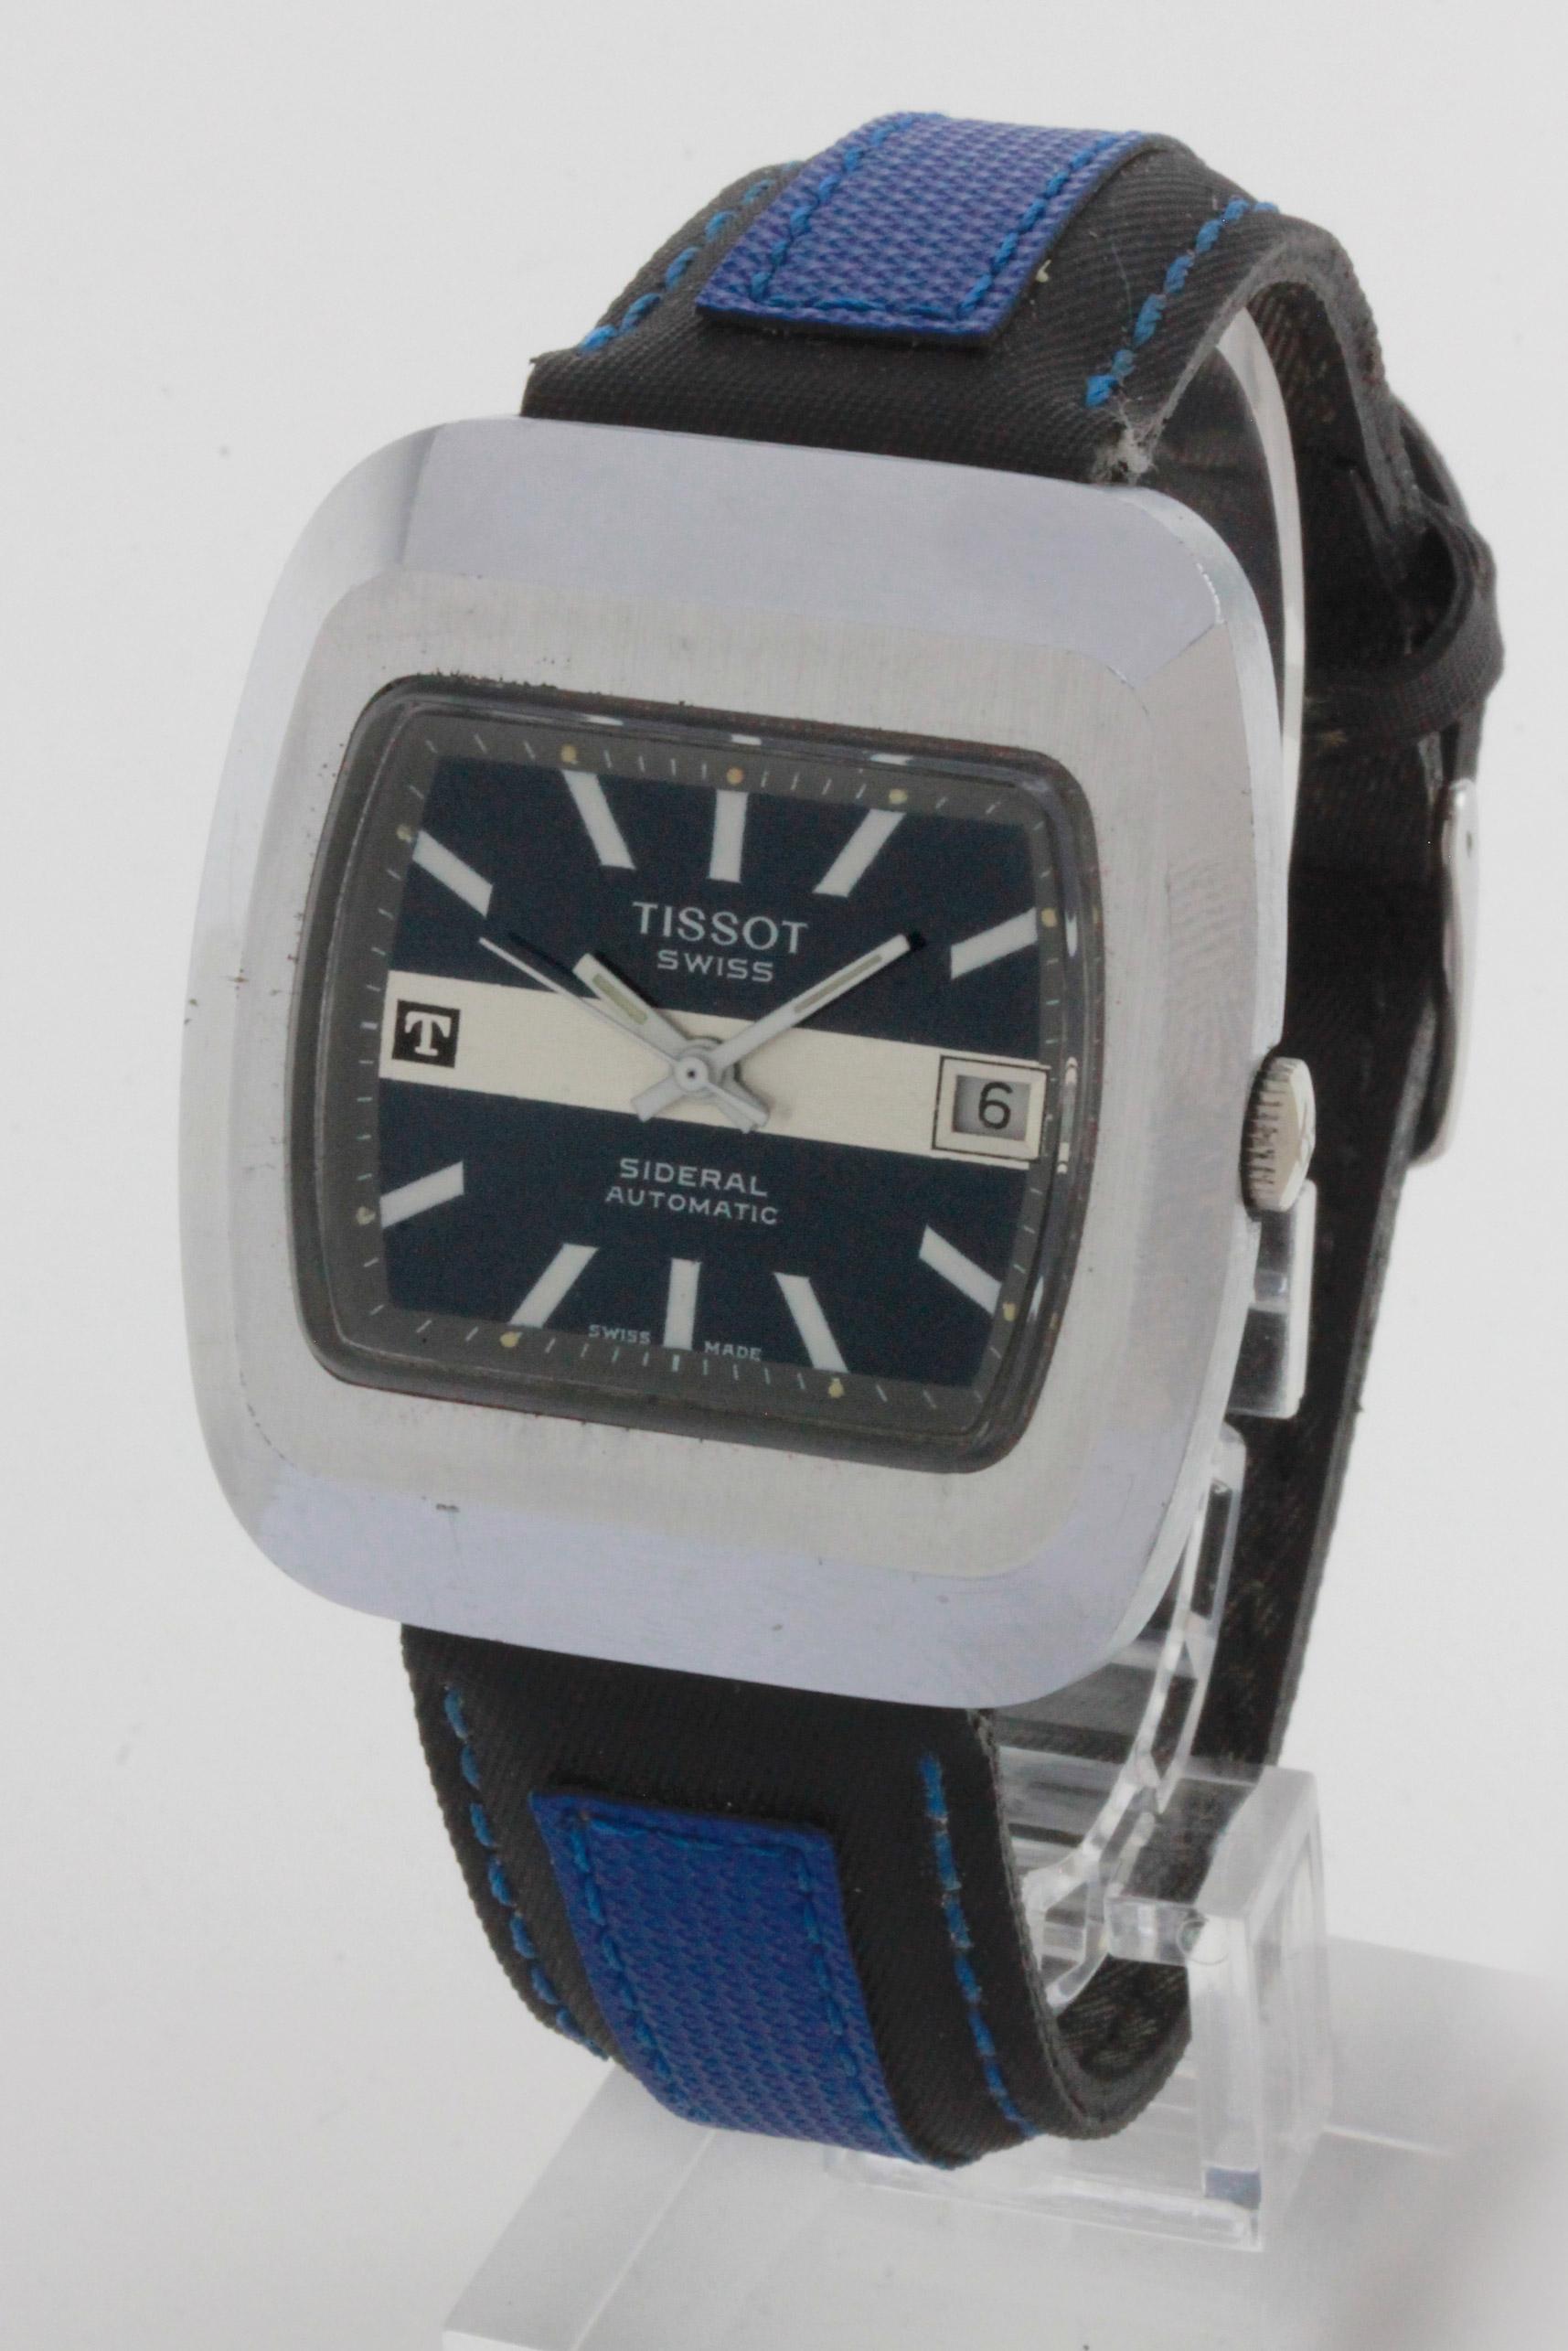 D/ Tissot Sideral carica automatica, anni '70, 37 x 41 mm. Tissot Sideral carica automatica, anni '70. Cassa fiberglass acciaio chiusa con baionetta. Vetro plexiglass, quadrante blu con fascia argent&eacute